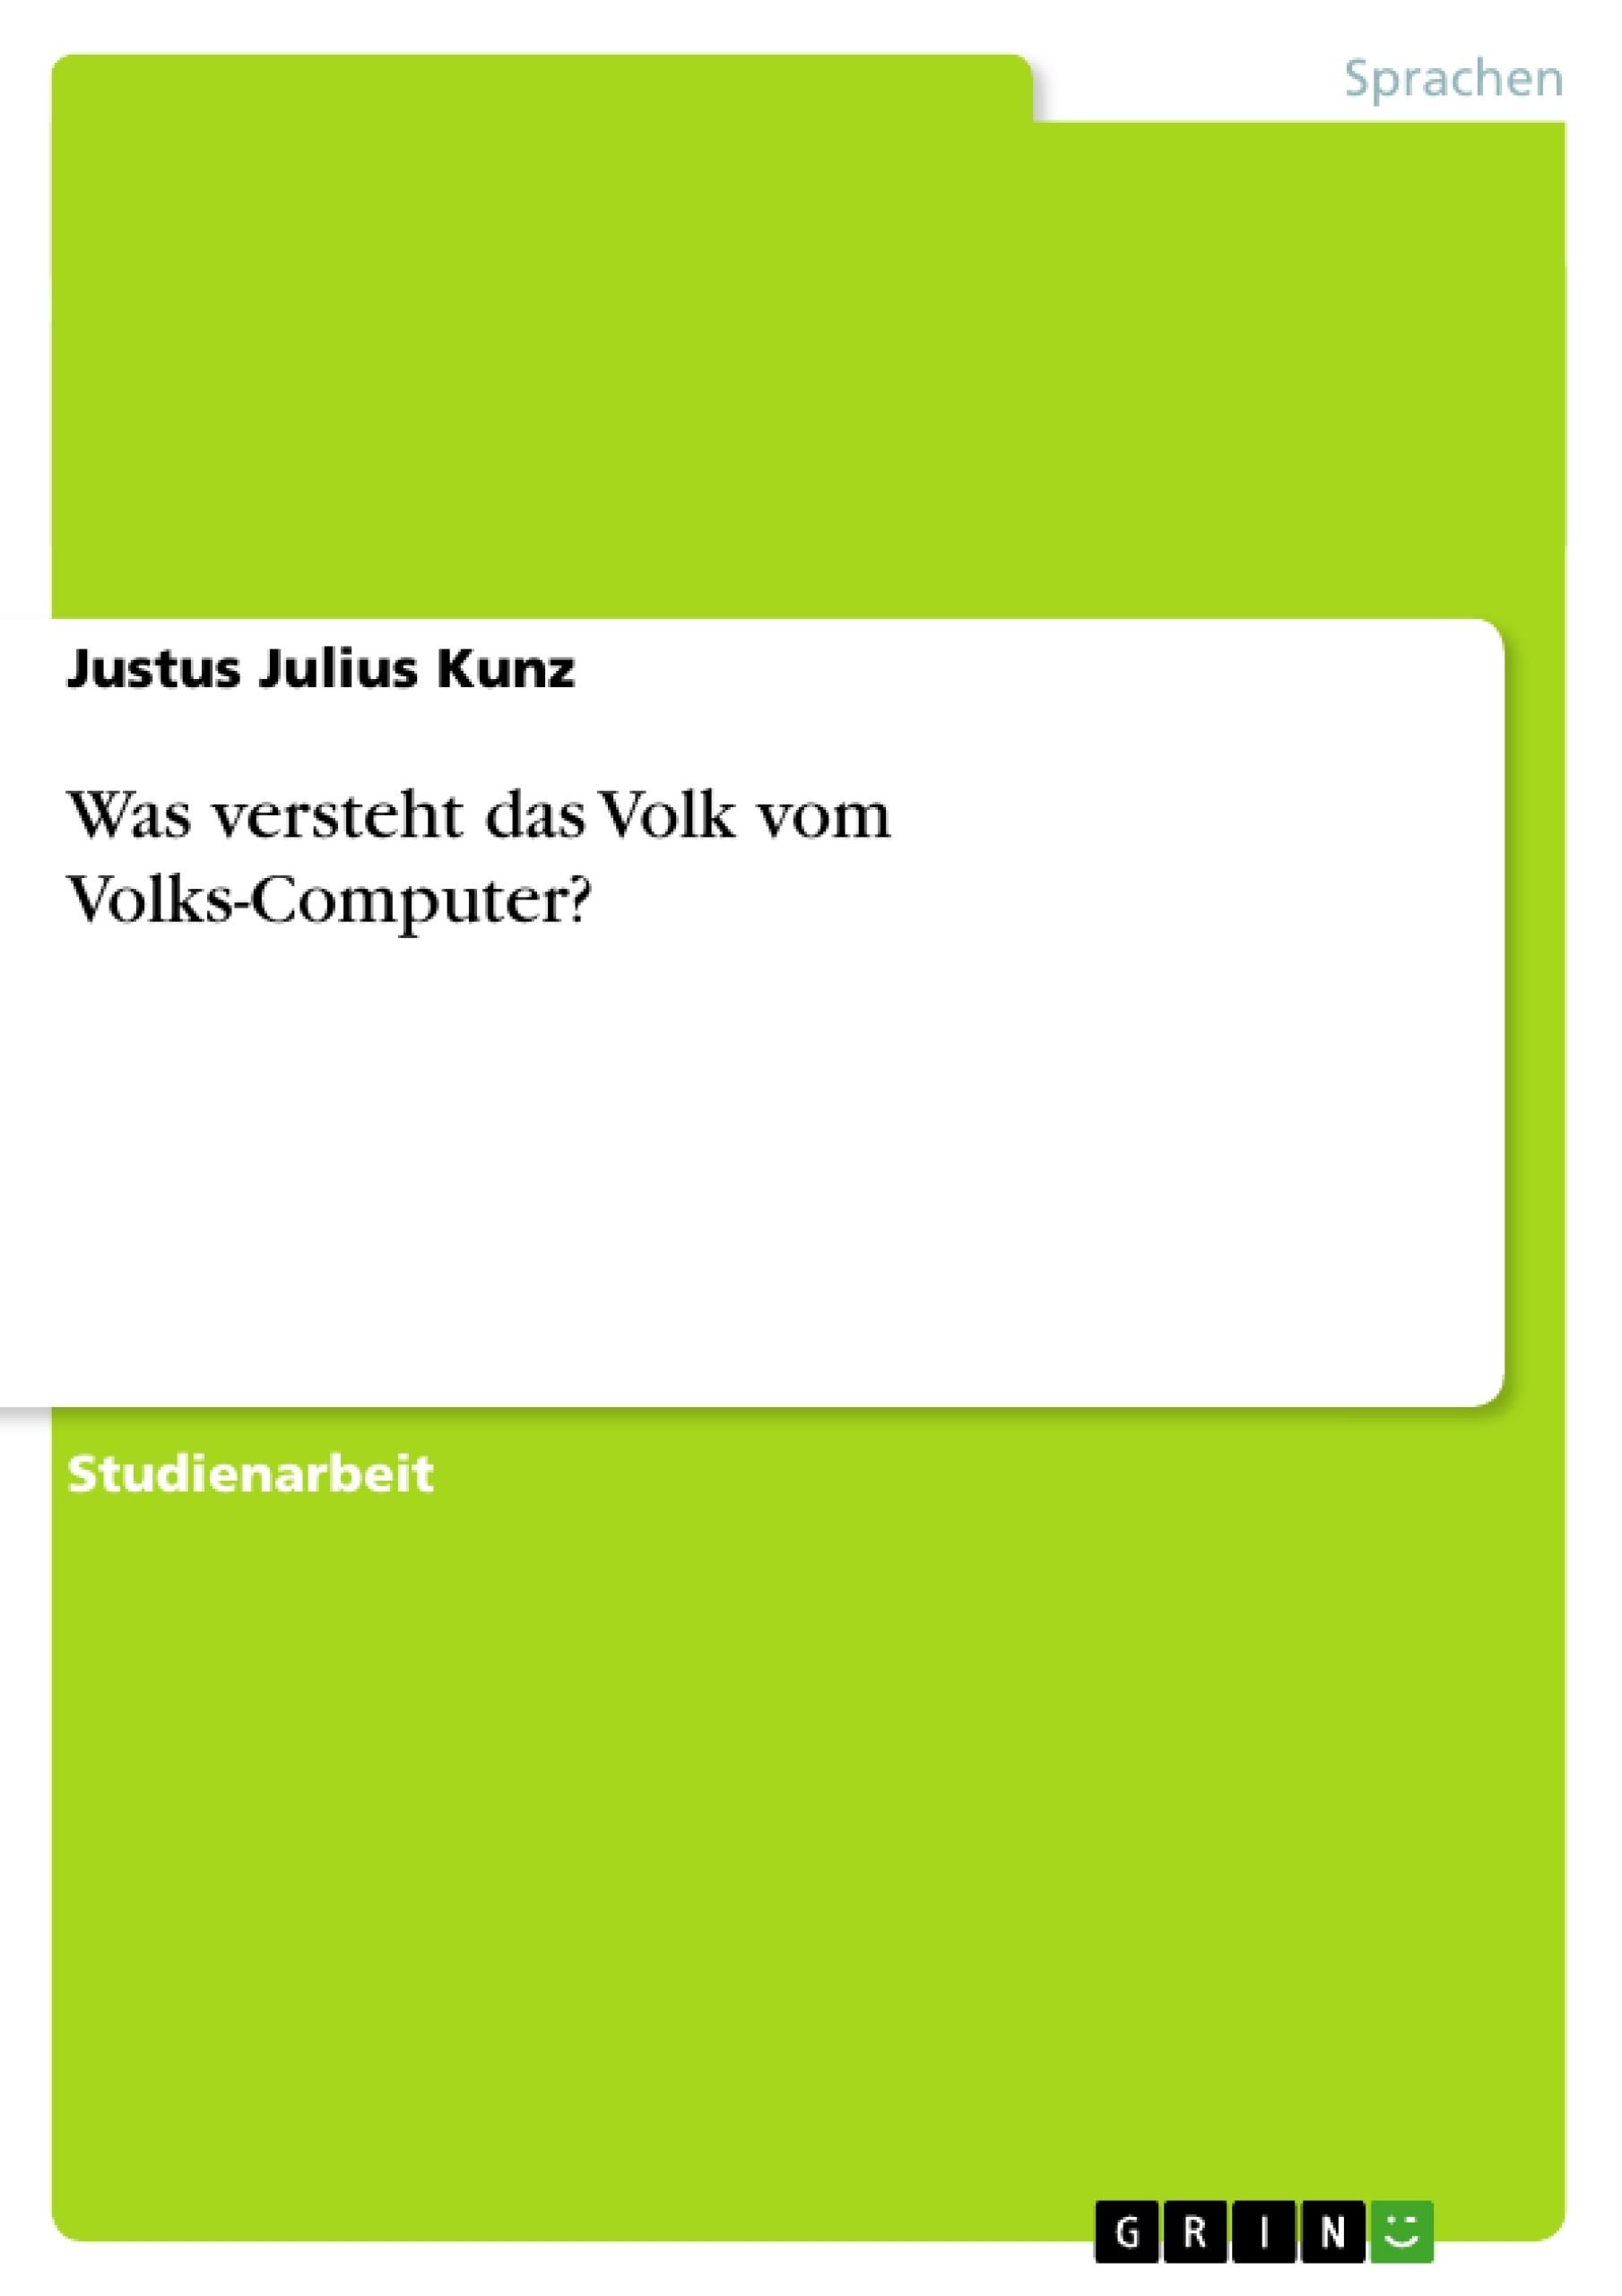 Titel: Was versteht das Volk vom Volks-Computer?